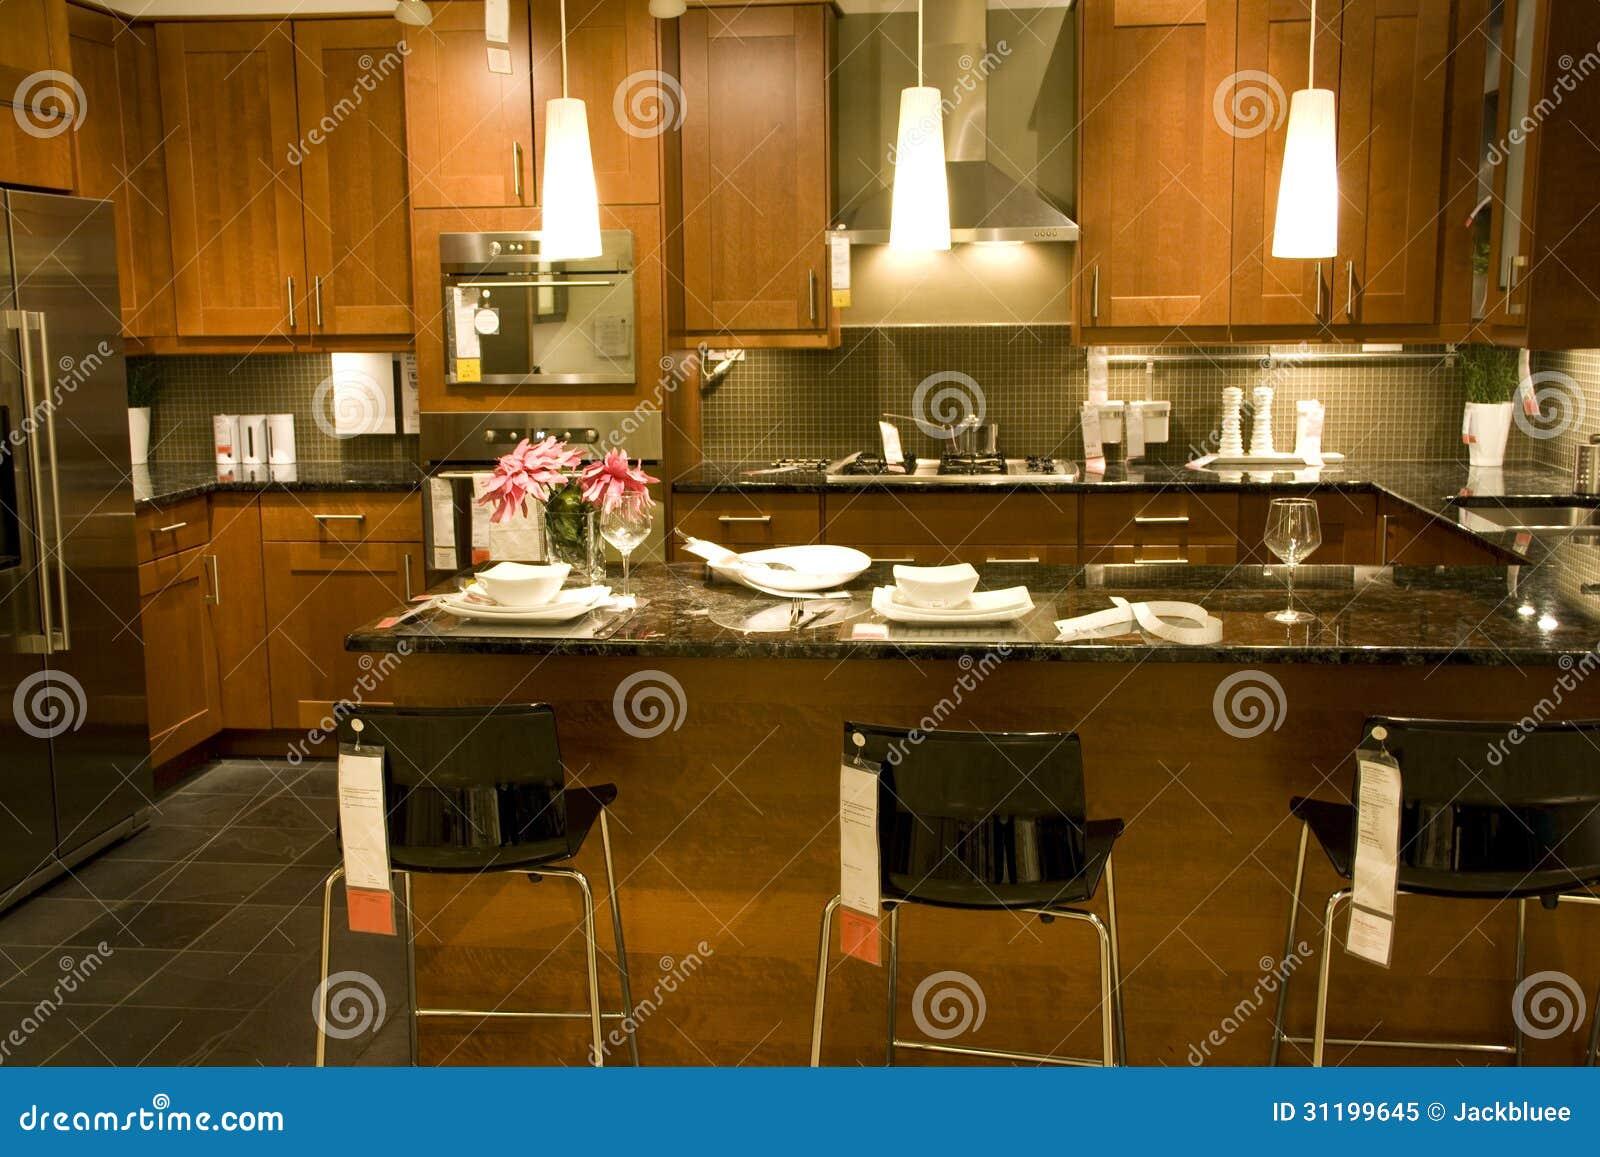 Int rieurs de maison d 39 arrangement de comptoir de cuisine for Arrangement de cuisine